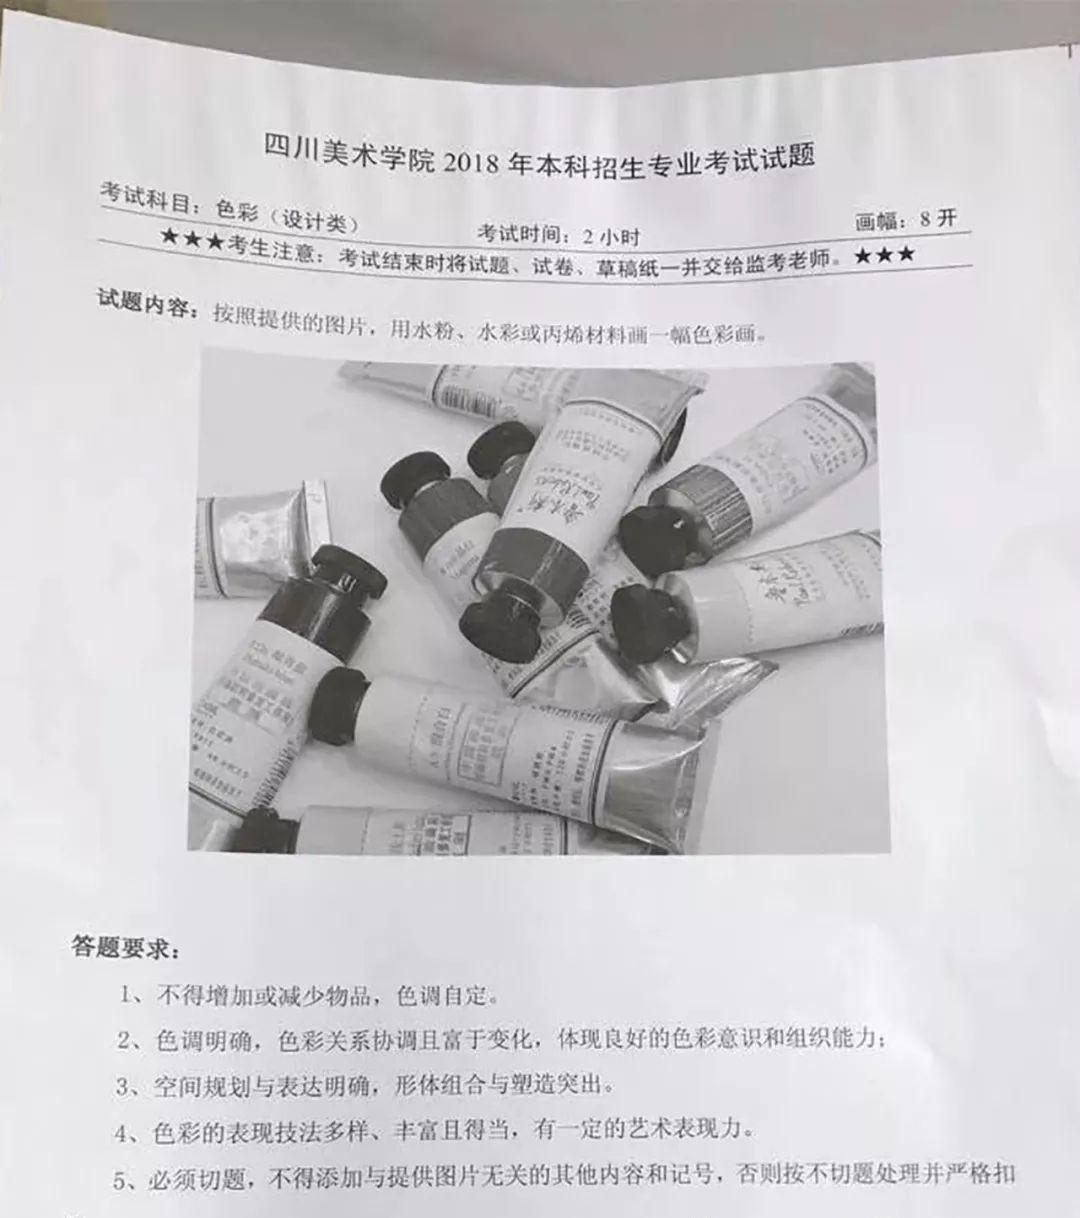 校考丨2018川美,吉林艺术学院校考贵州考点考题图片